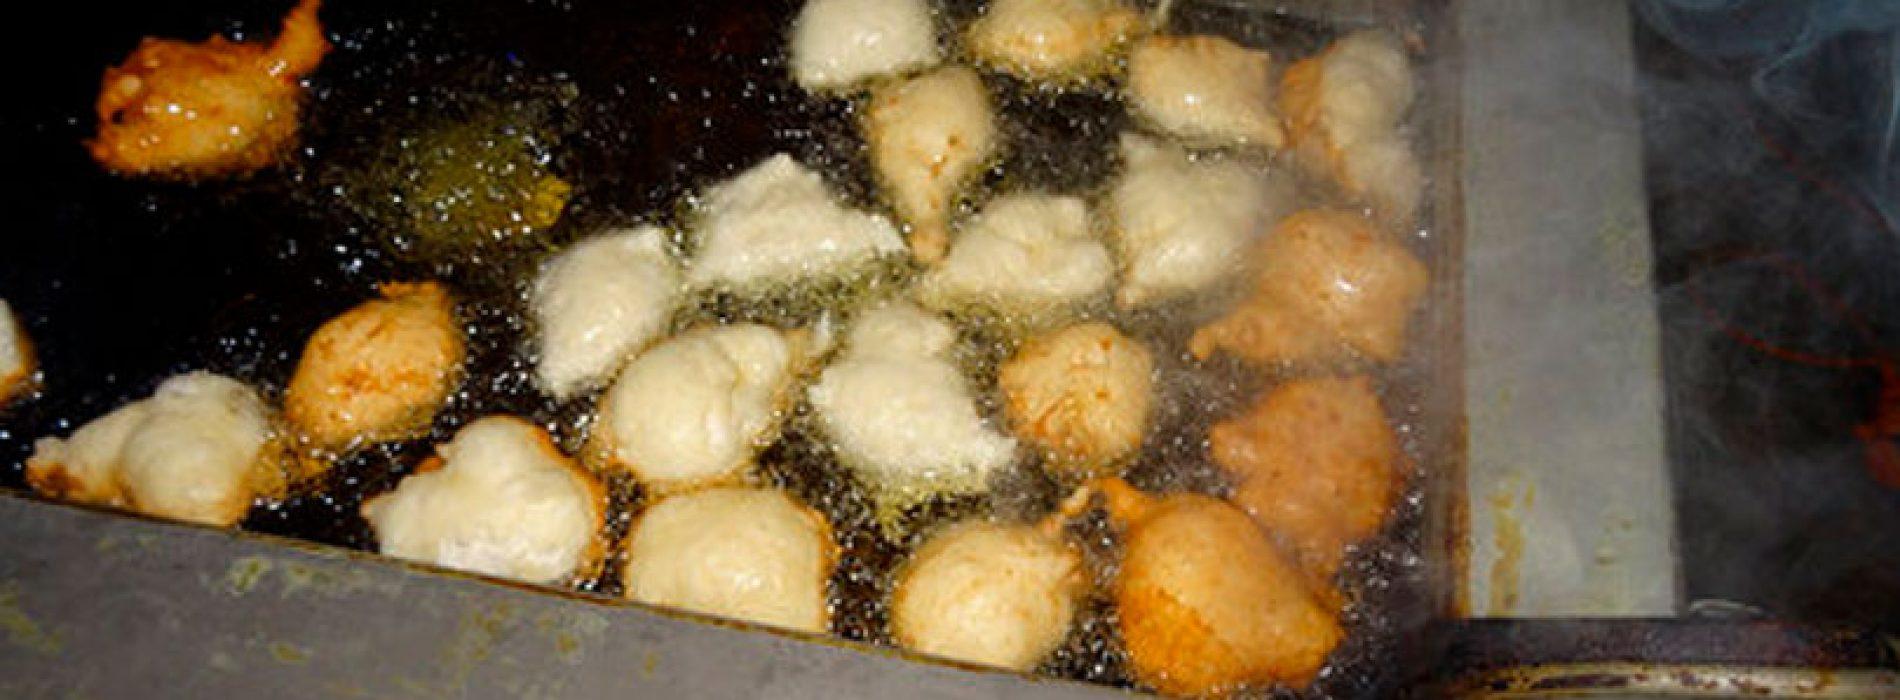 Oliebollen bakken voor cliënten voedselbank